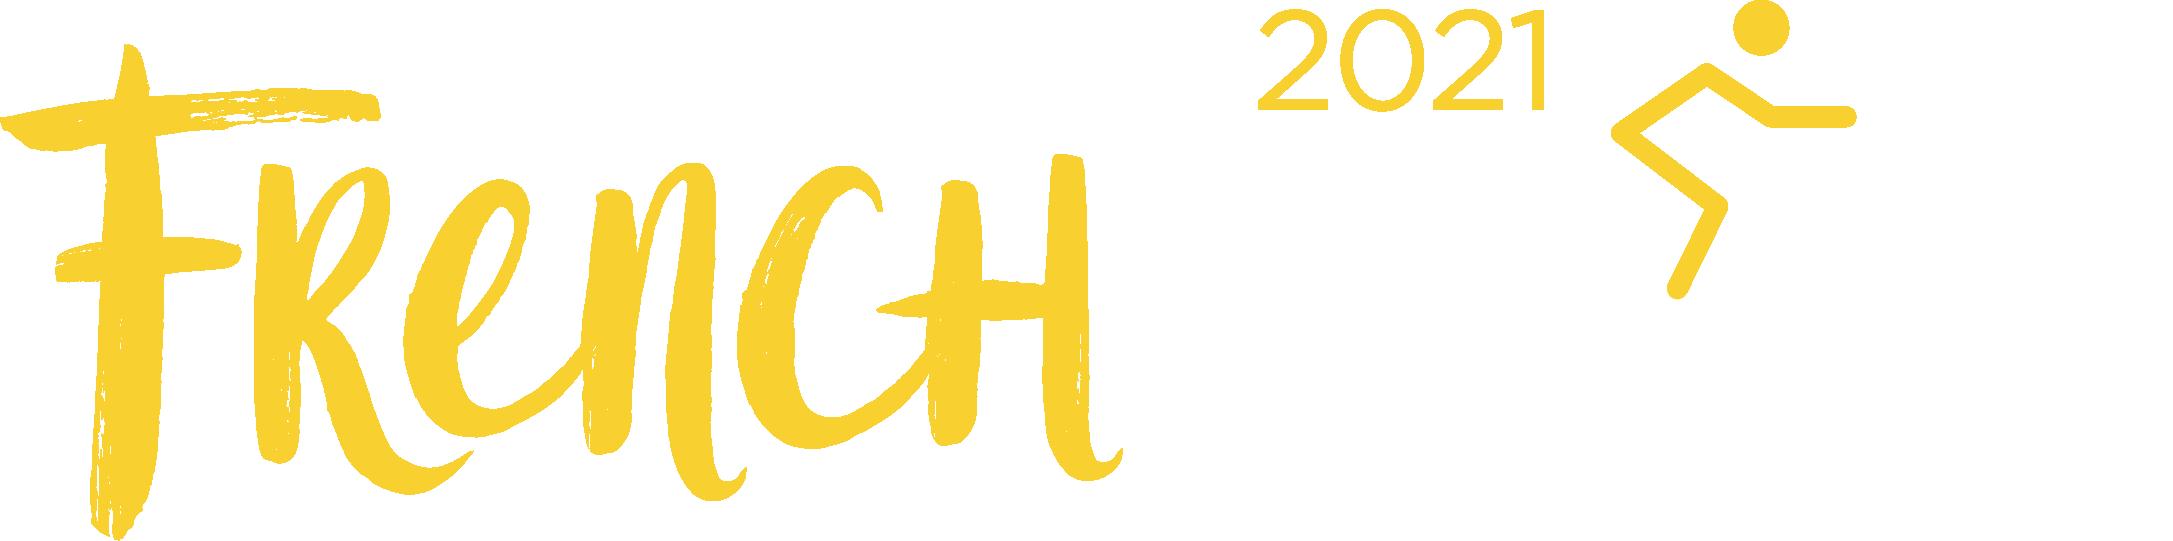 French Tour 2021